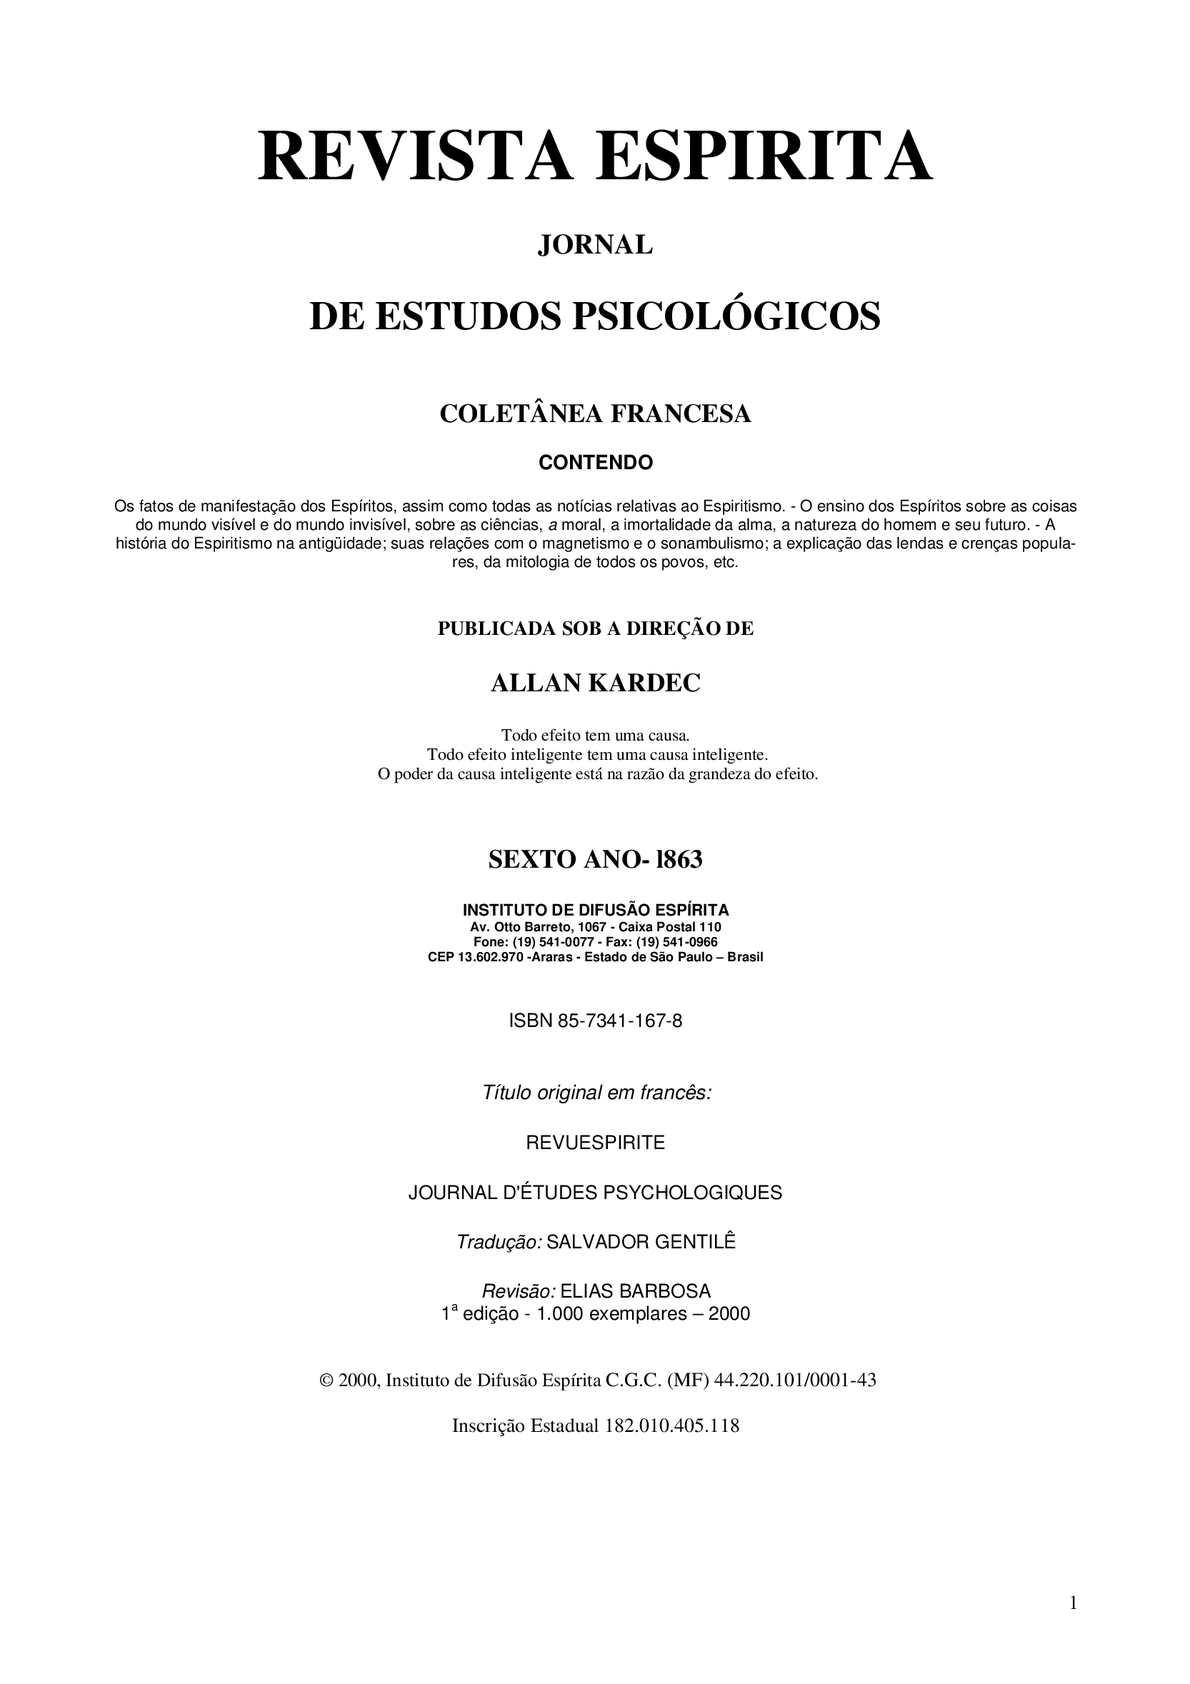 Calaméo - REVISTA ESPIRITA - 1863 57906bcc92